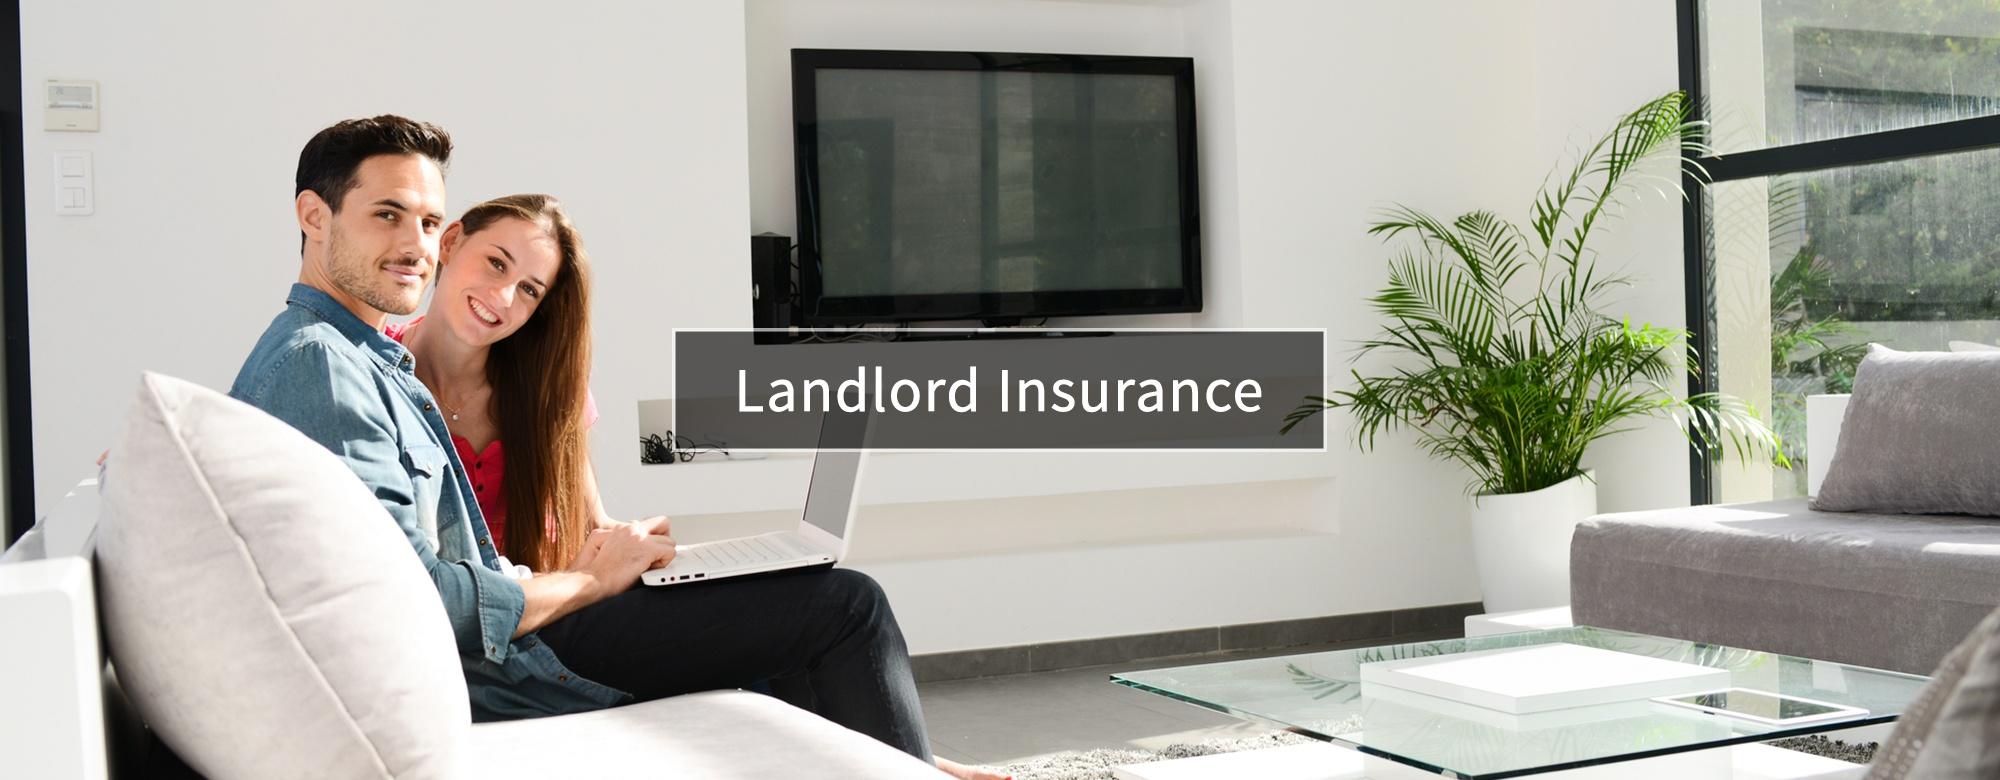 Landlord Insurance in Massachusetts